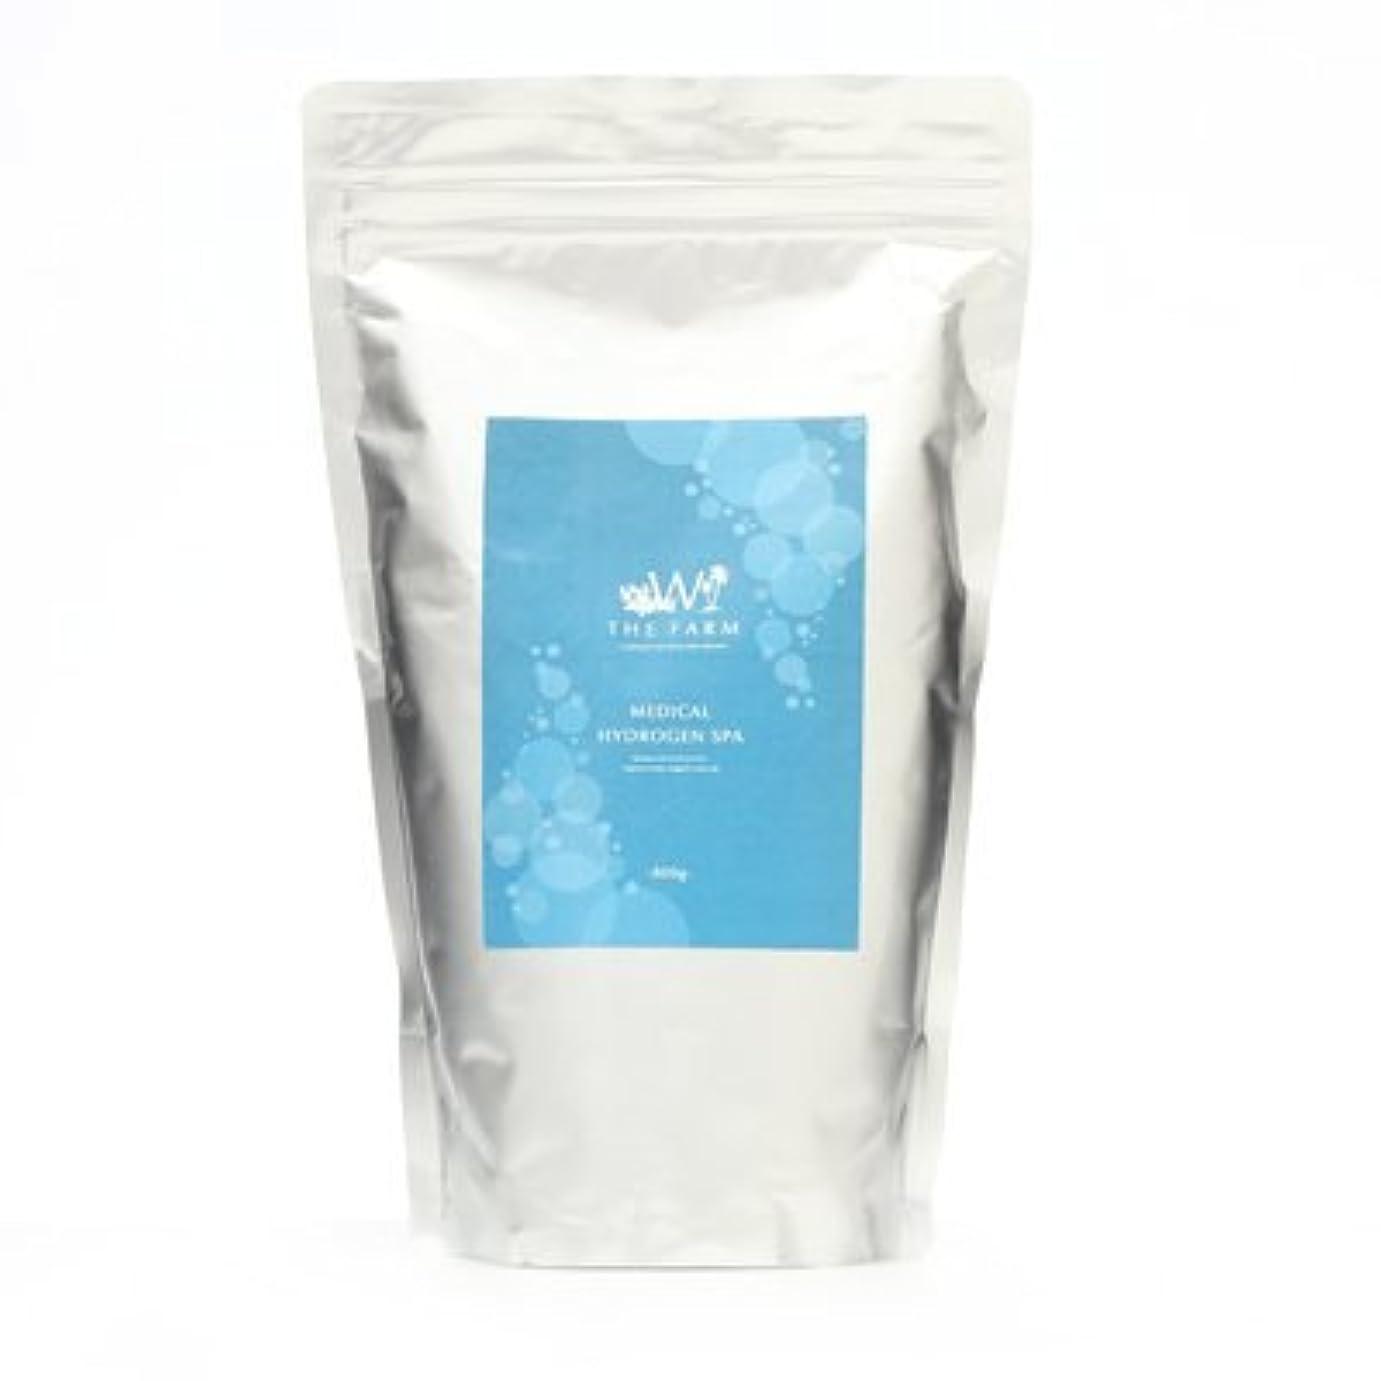 進化クルー船尾水素スパ【W 水素バス パウダー】 水素入浴剤 800g (水素風呂)